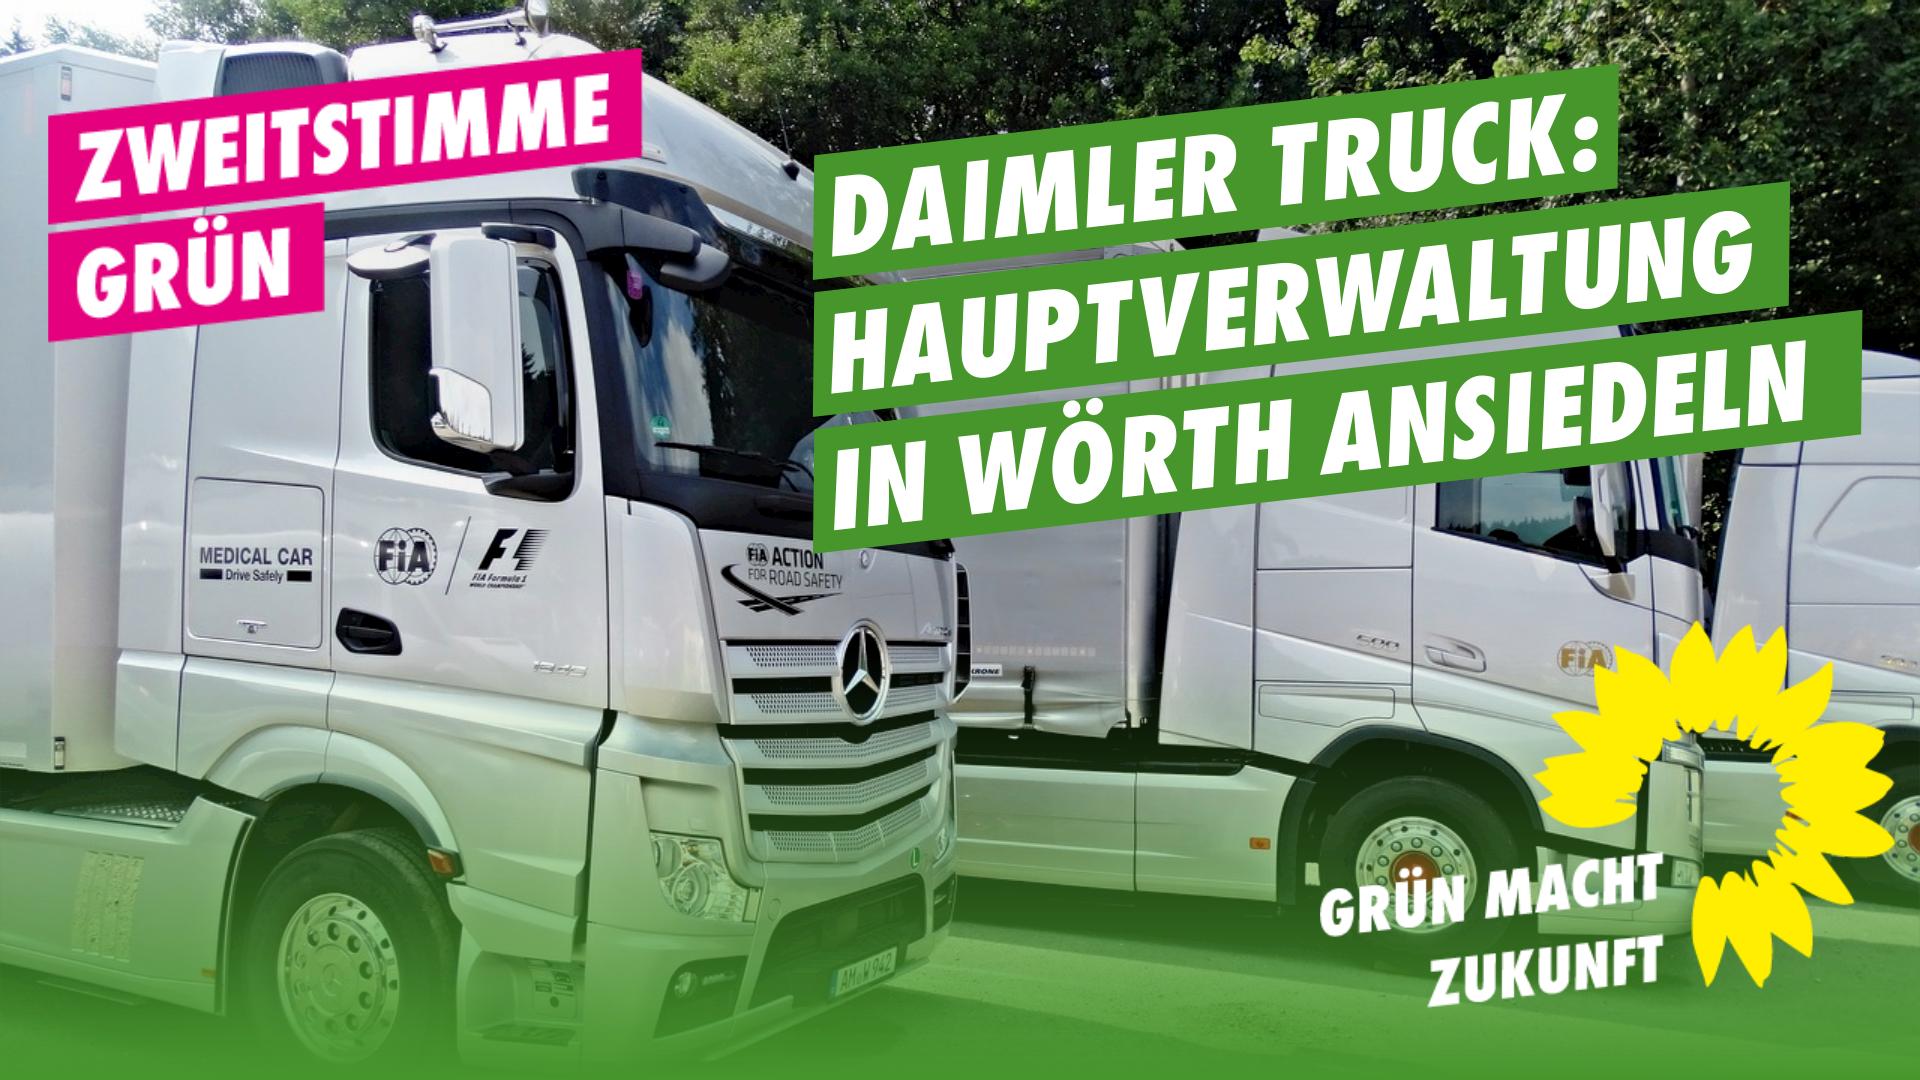 Daimler Truck: GRÜNE für Ansiedlung der Hauptverwaltung in Wörth